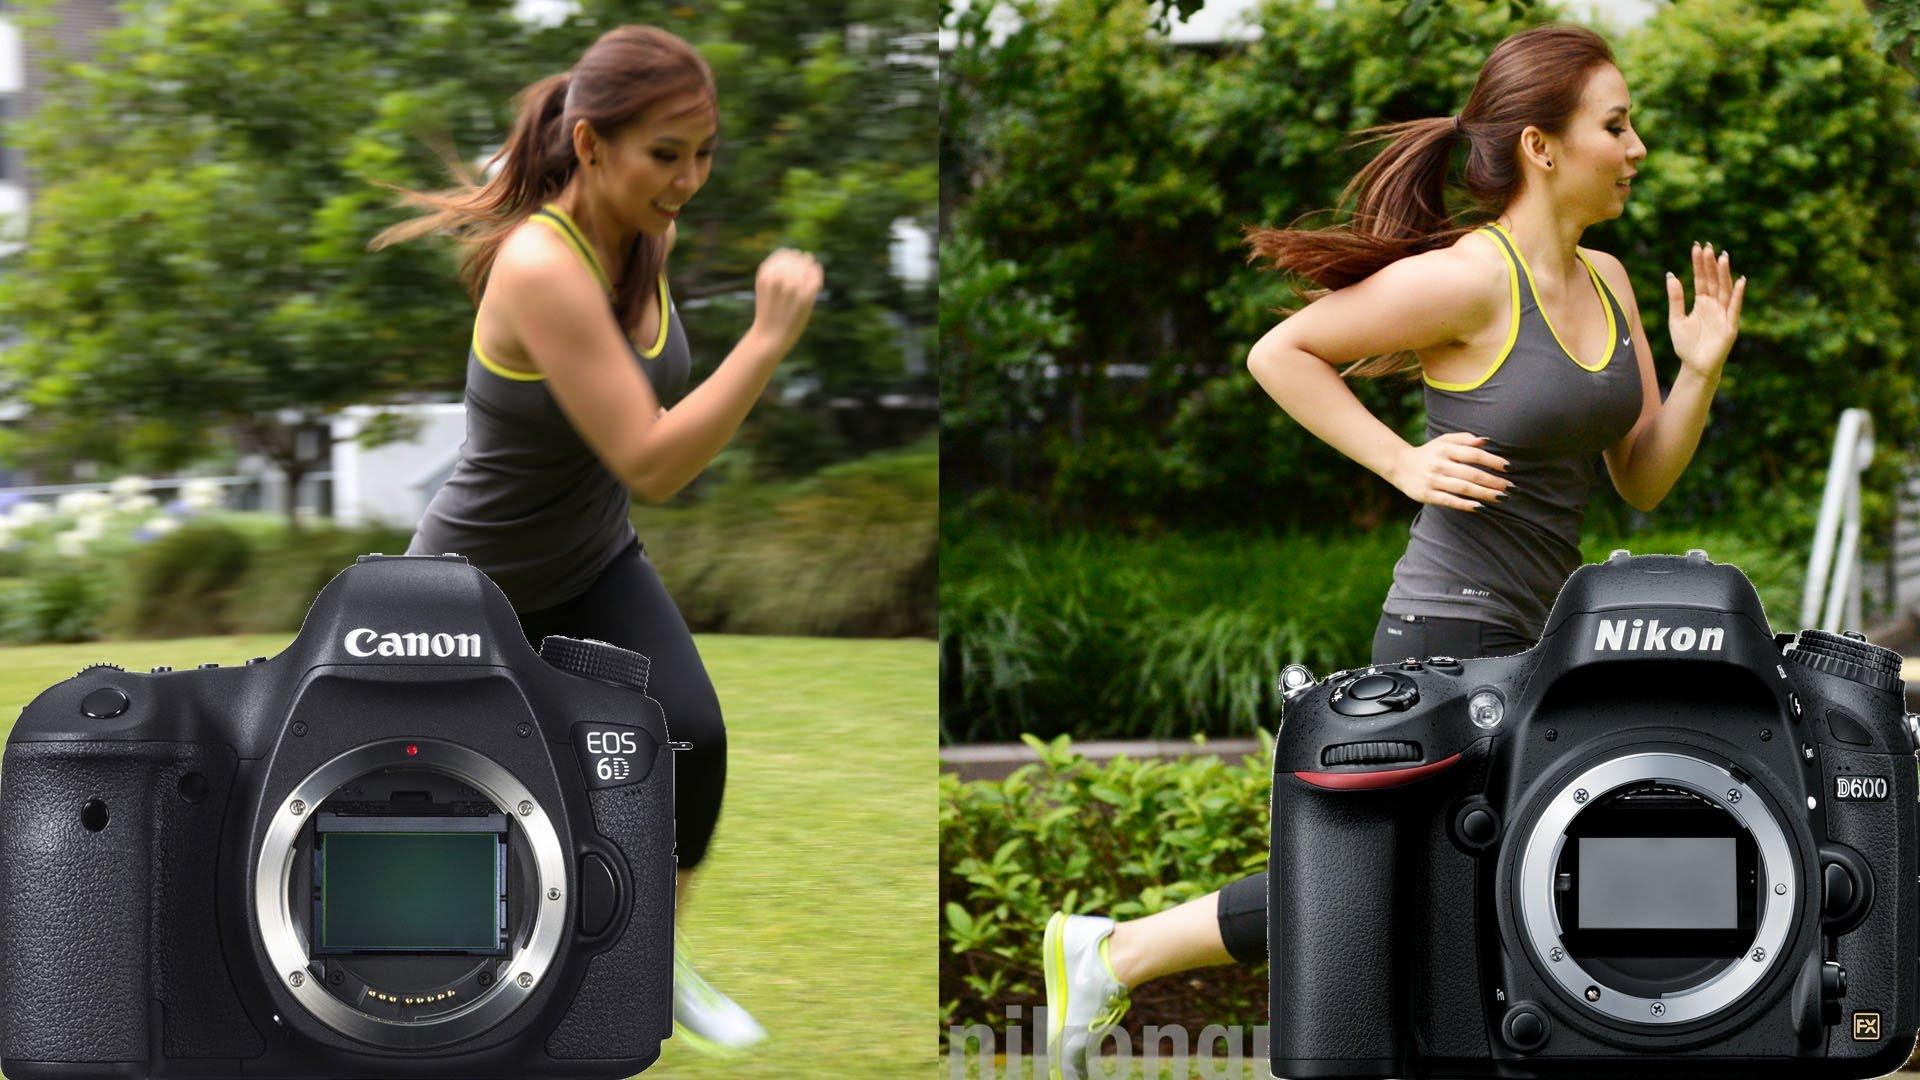 Comparison of Canon Vs Nikon